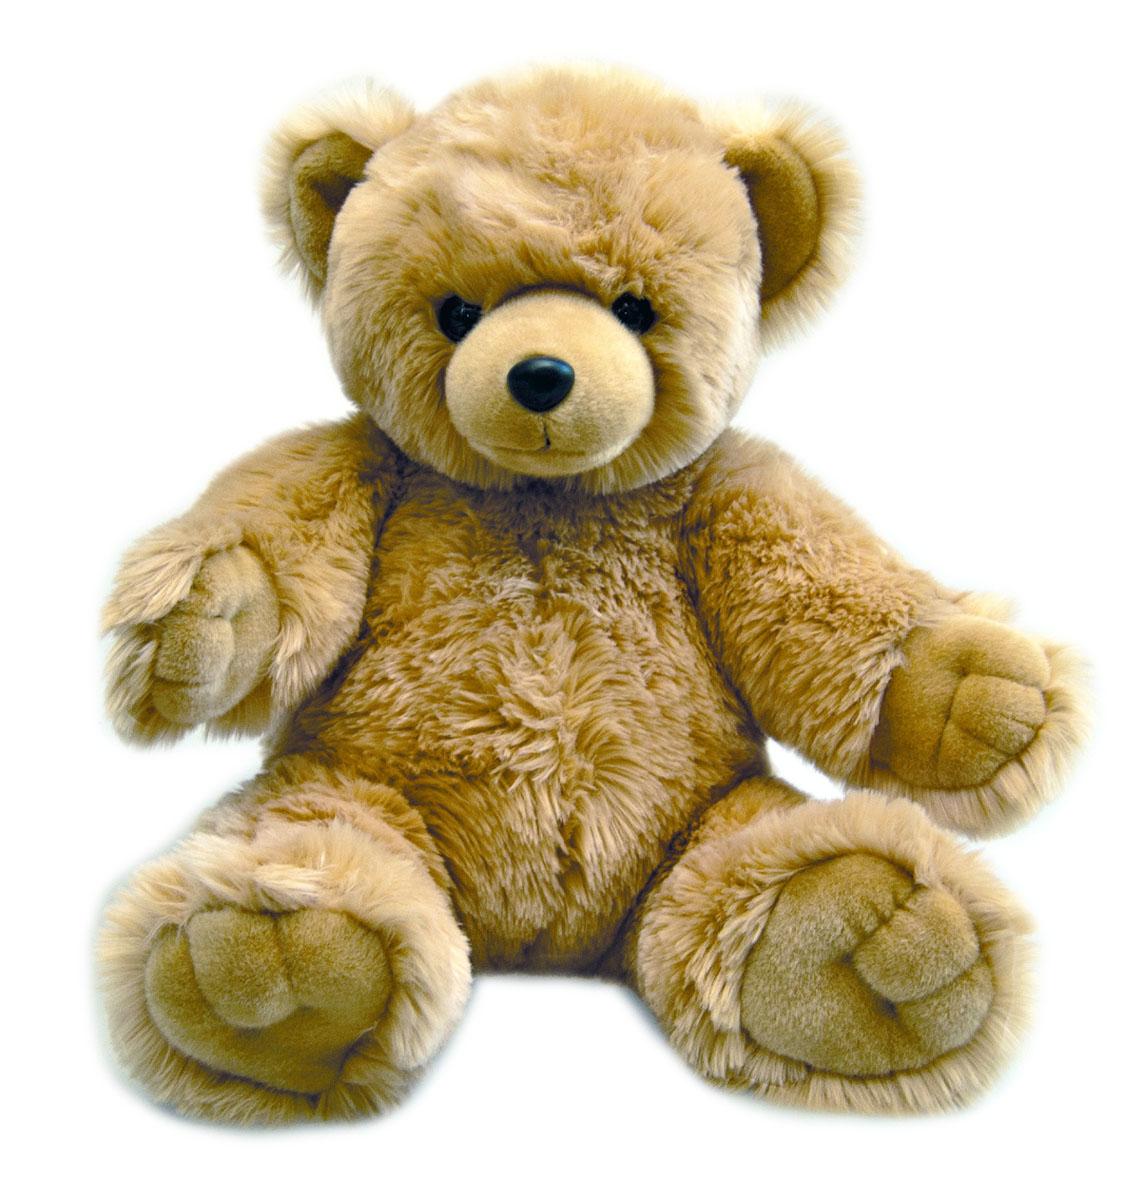 Мягкая игрушка Aurora Медведь. Обними меня, цвет: коричневый, 72 см68-620Очаровательная мягкая игрушка Медведь. Обними меня, выполненная в виде медвежонка коричневого цвета, вызовет умиление и улыбку у каждого, кто ее увидит. Удивительно мягкая игрушка принесет радость и подарит своему обладателю мгновения нежных объятий и приятных воспоминаний. Она выполнена из высококачественного искусственного меха с набивкой из гипоаллергенного синтепона. Великолепное качество исполнения делают эту игрушку чудесным подарком к любому празднику.